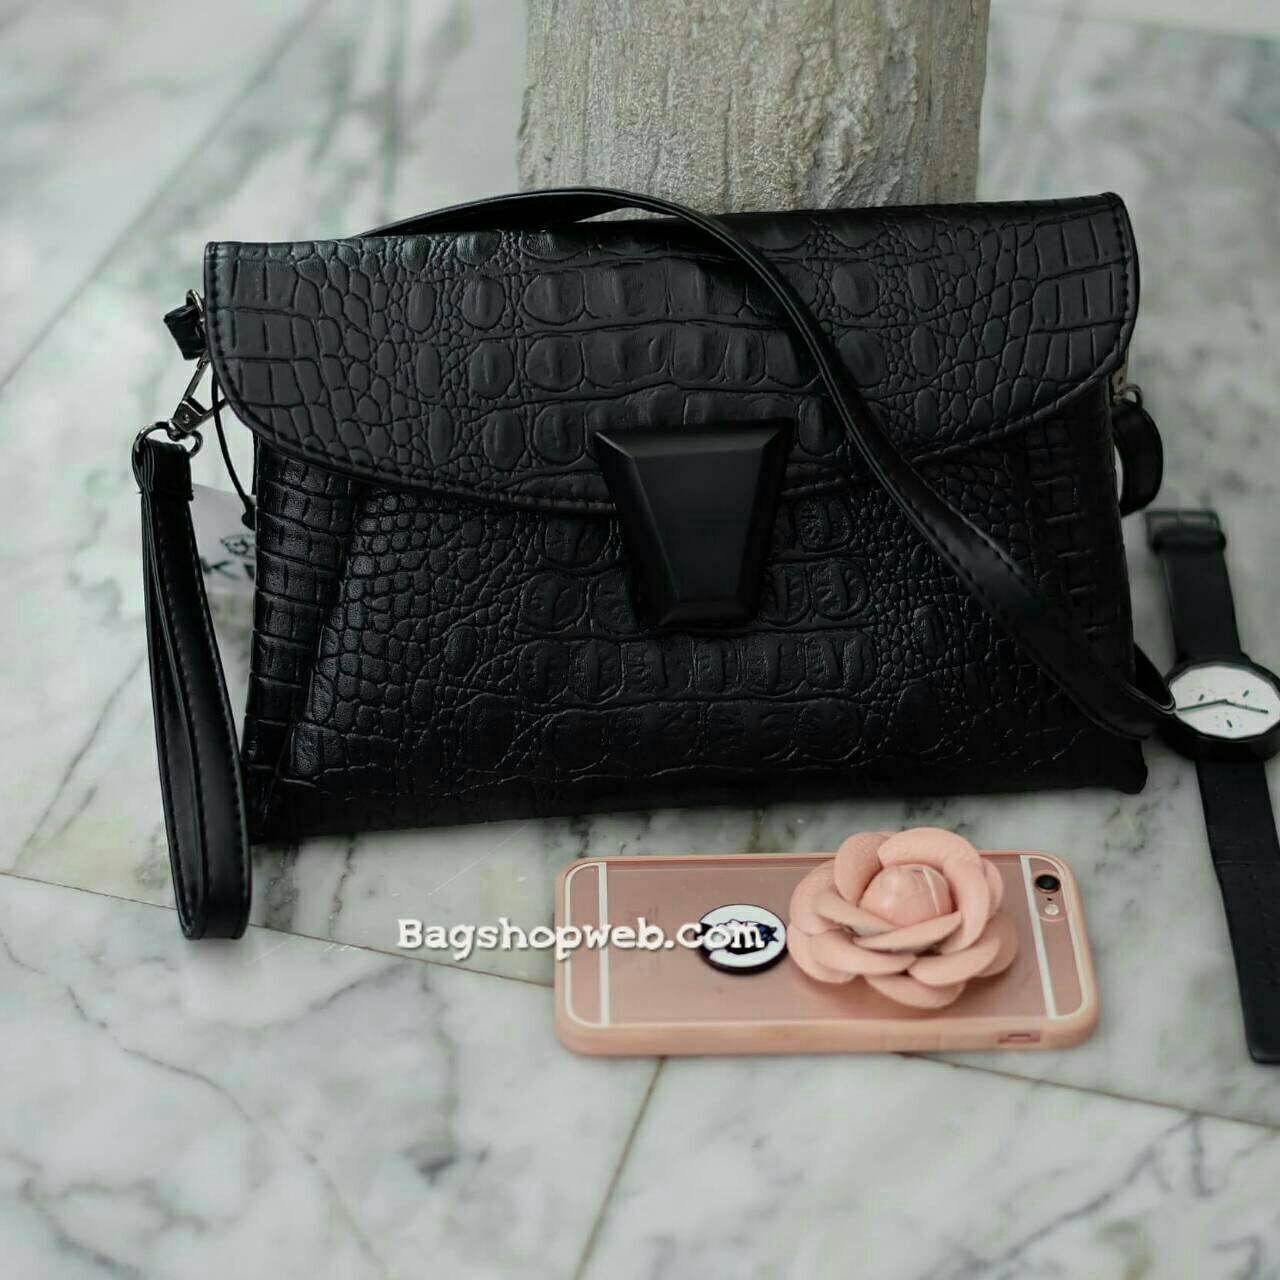 กระเป๋าสะพาย ปรับเก็บสายถือเป็น clutch bag ได้คะ จาก KEEP Clutch bag with strap รุ่นหายาก มีสายคล้องข้อมือ ขนาดกะทัดรัด พร้อมช่องใหญ่ปิดซิป 1 และช่องกลาง 1 ใส่กระเป๋าตังค์ มือถือ iphone 6 plus ได้คะ น้ำหนักเบา เข้ากับชุดได้ง่าย ถือ สะพาย ออกงานParty ได้สบ